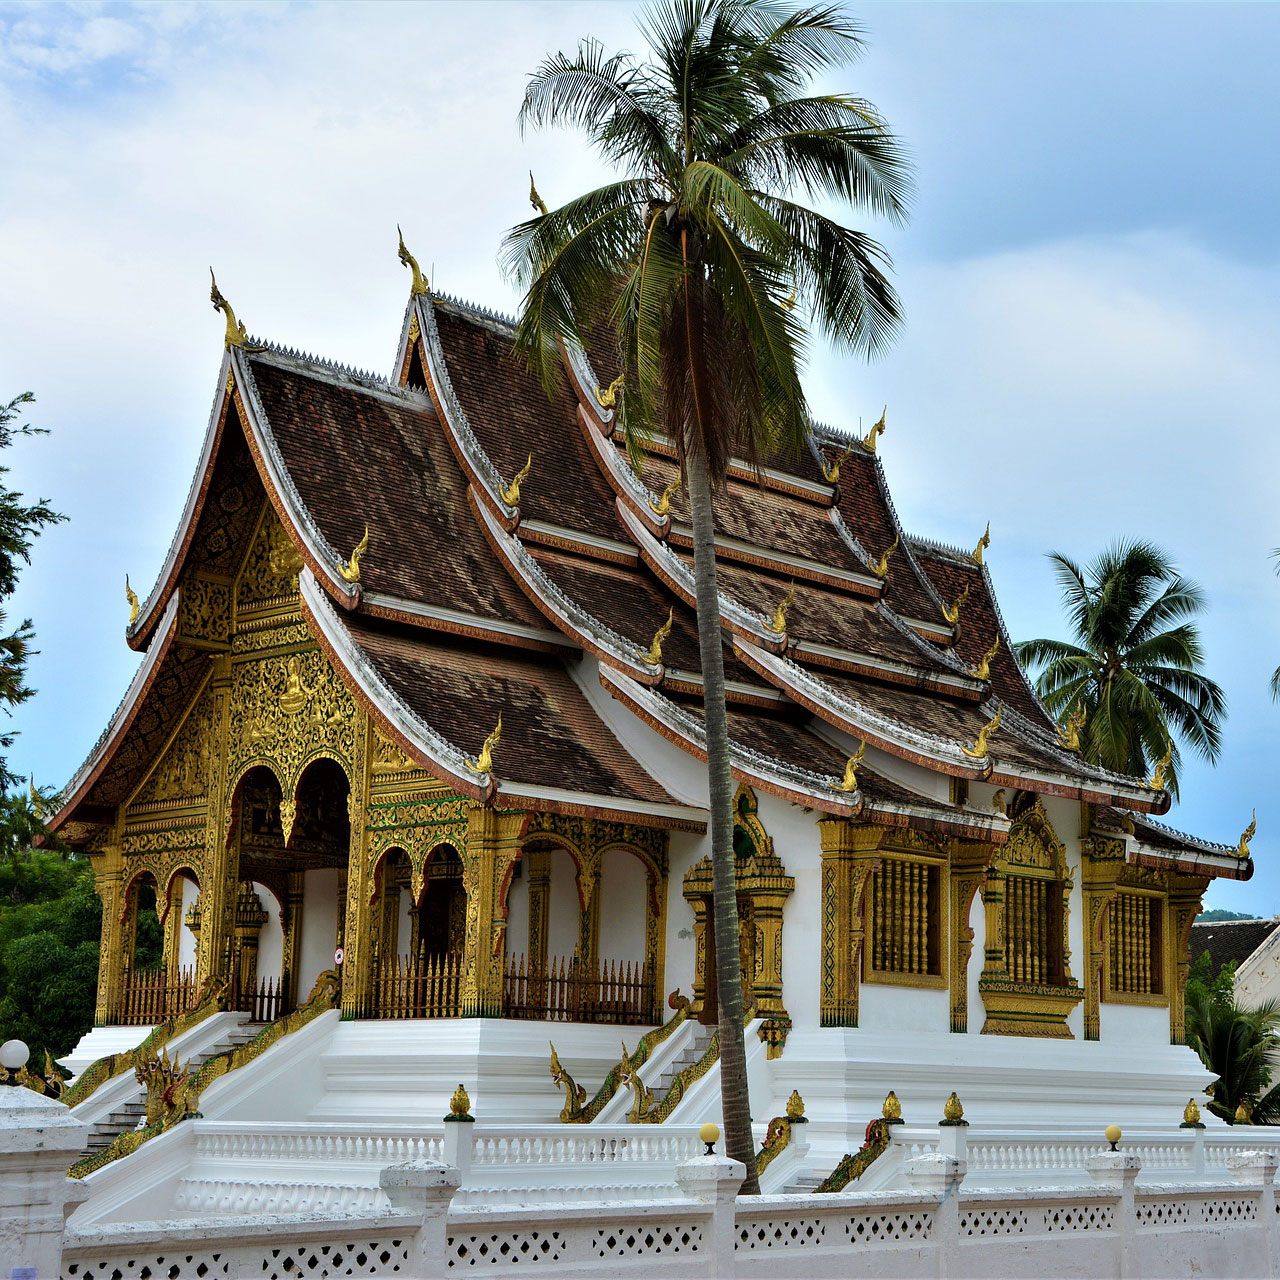 square_laos-luang-prabang-travel-3083967_1920-pixabay.jpg